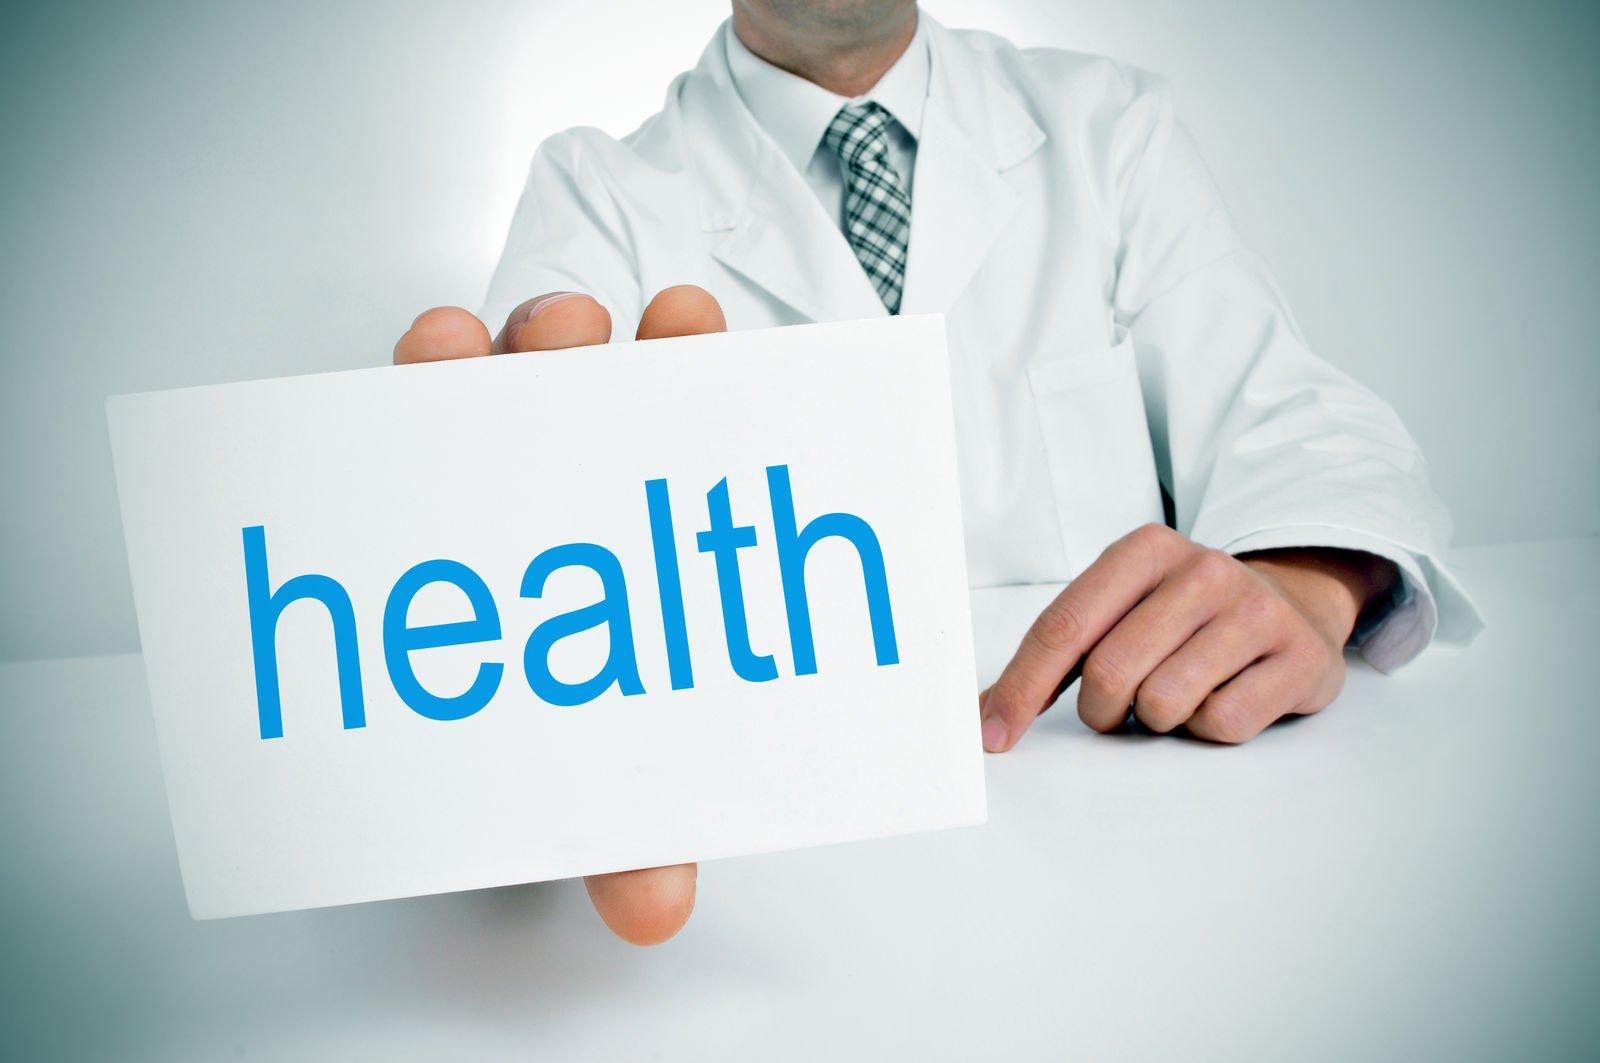 Kinder ausgesetzt, die Luftverschmutzung in der Schule können ein höheres Risiko von übergewicht und Adipositas